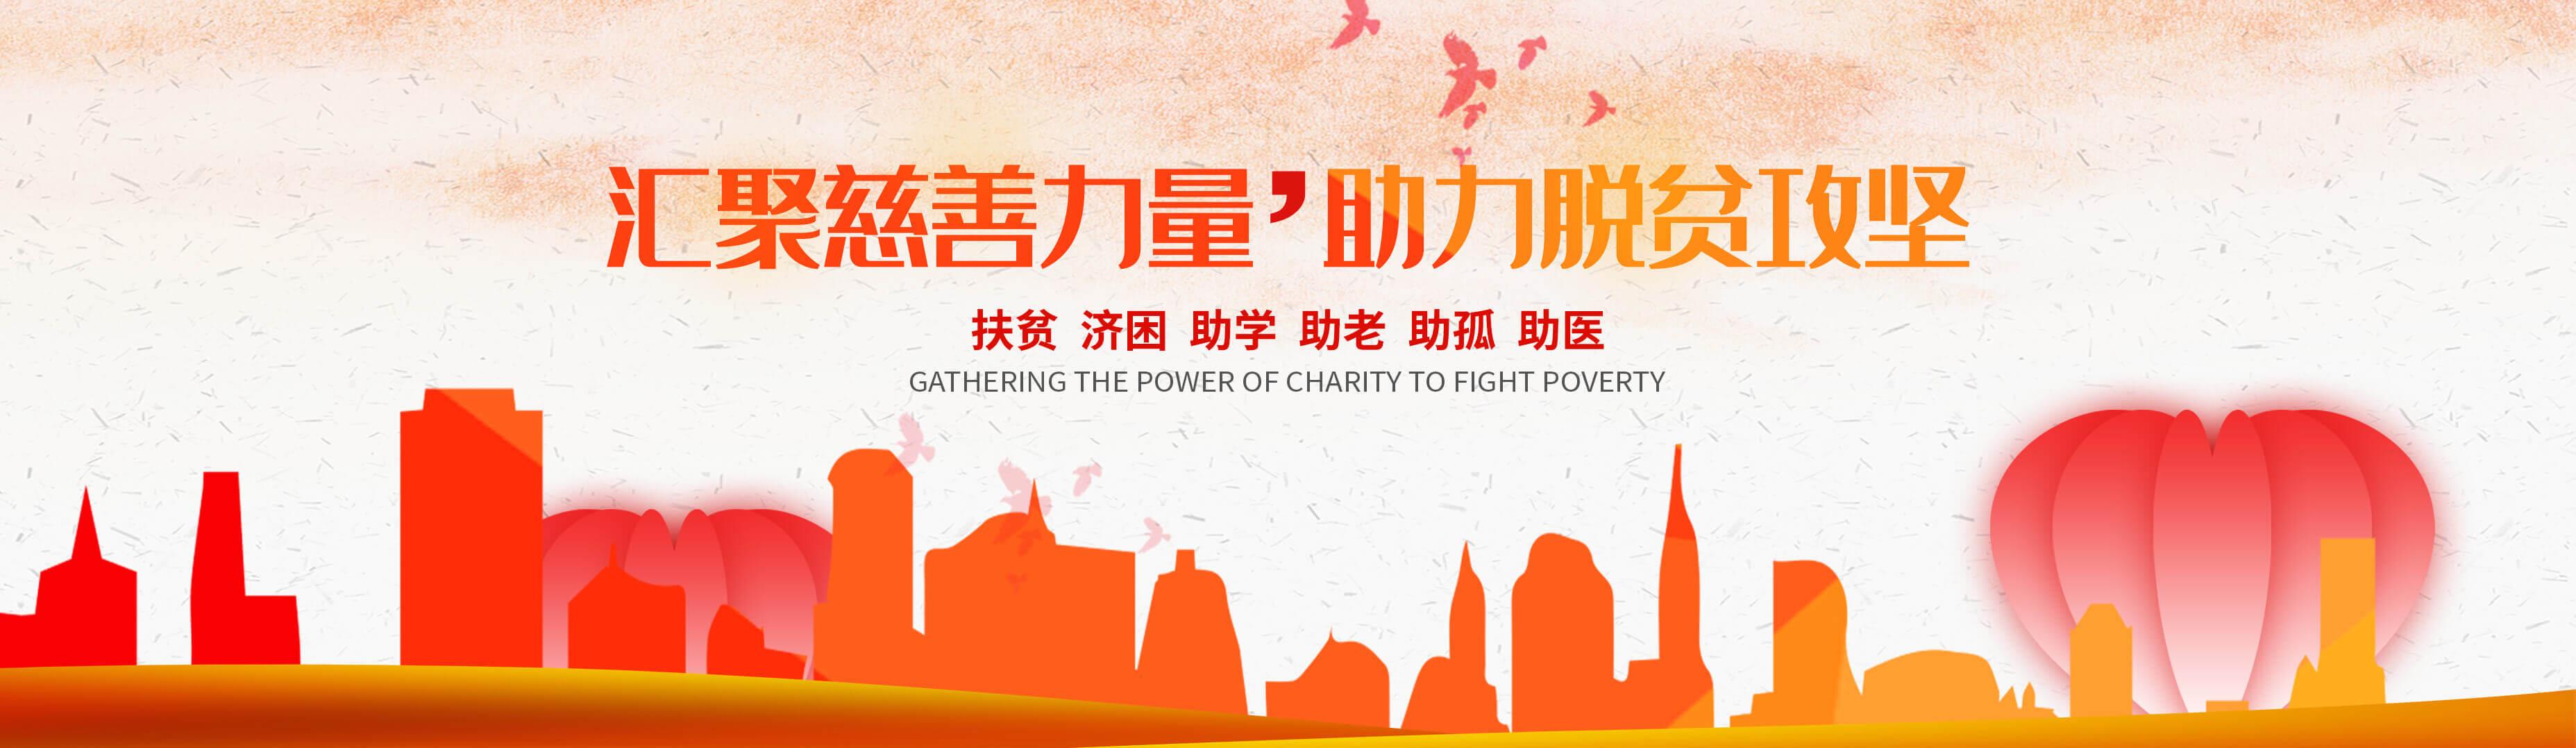 汇聚慈善力量,助力脱贫攻坚